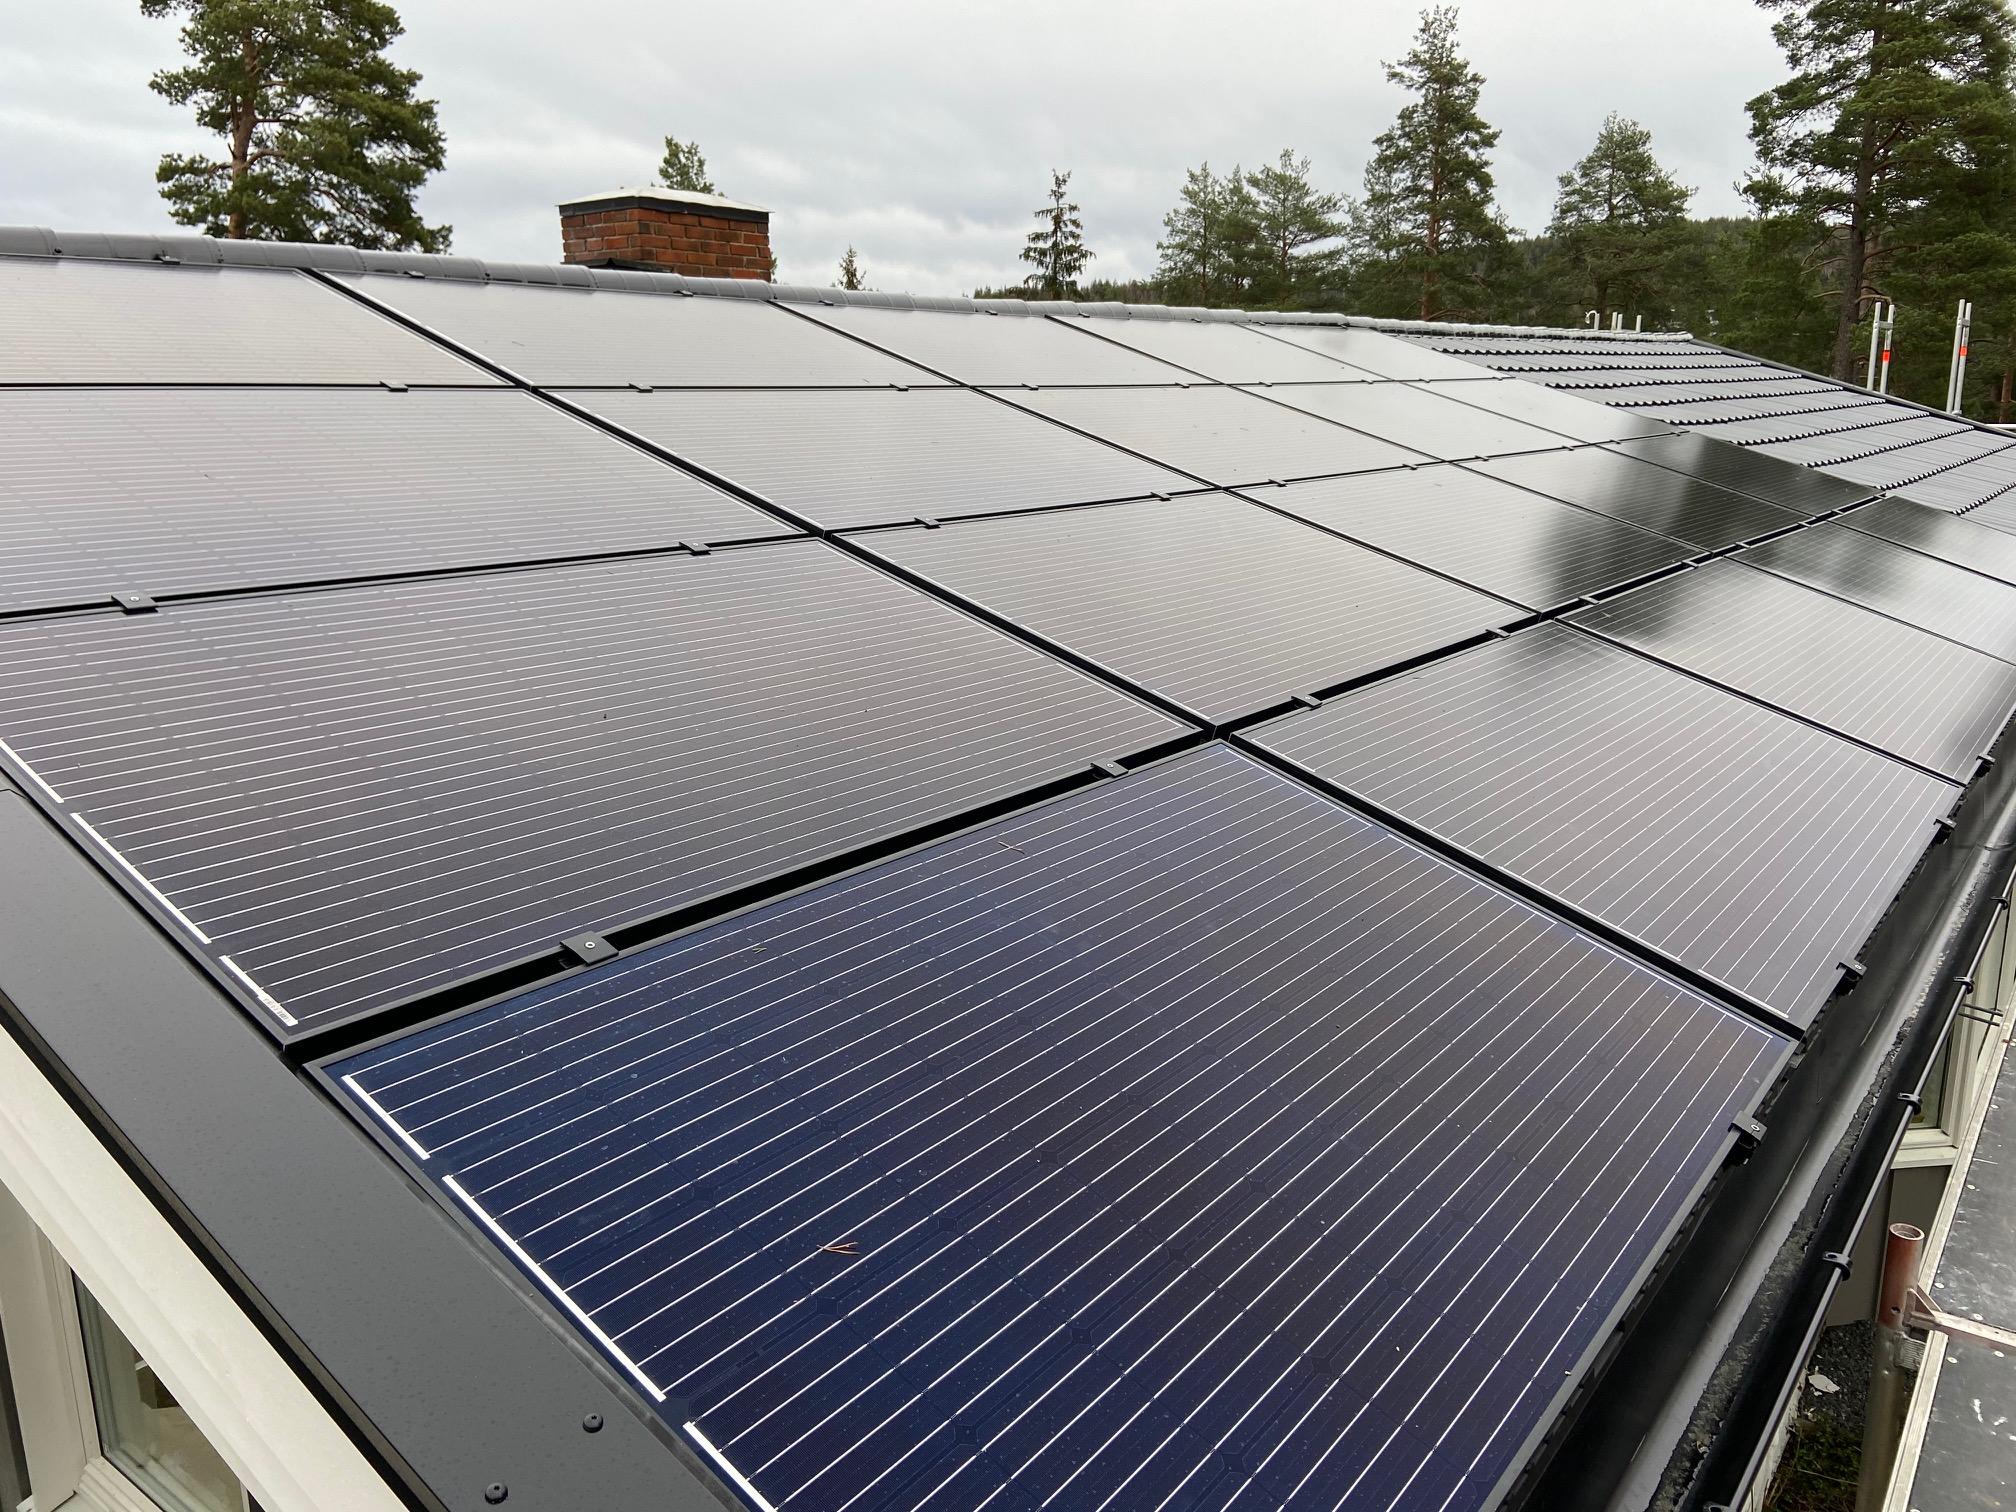 Solceller på tak - en god og viktig investering